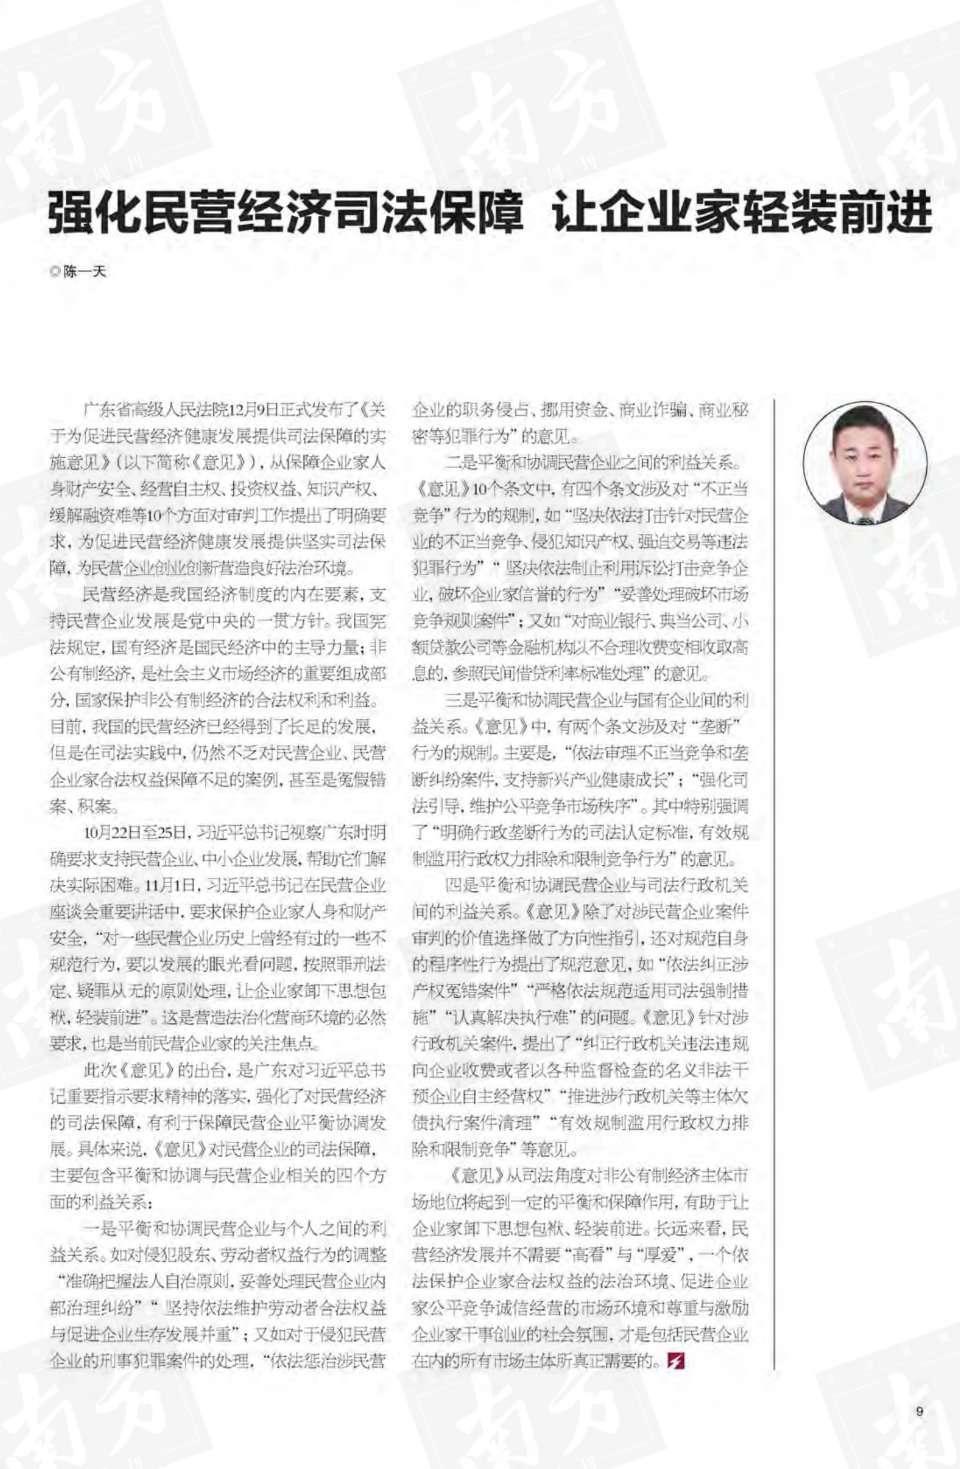 南方杂志采访陈一天律师:强化民营经济司法保障 让企业家轻装前进